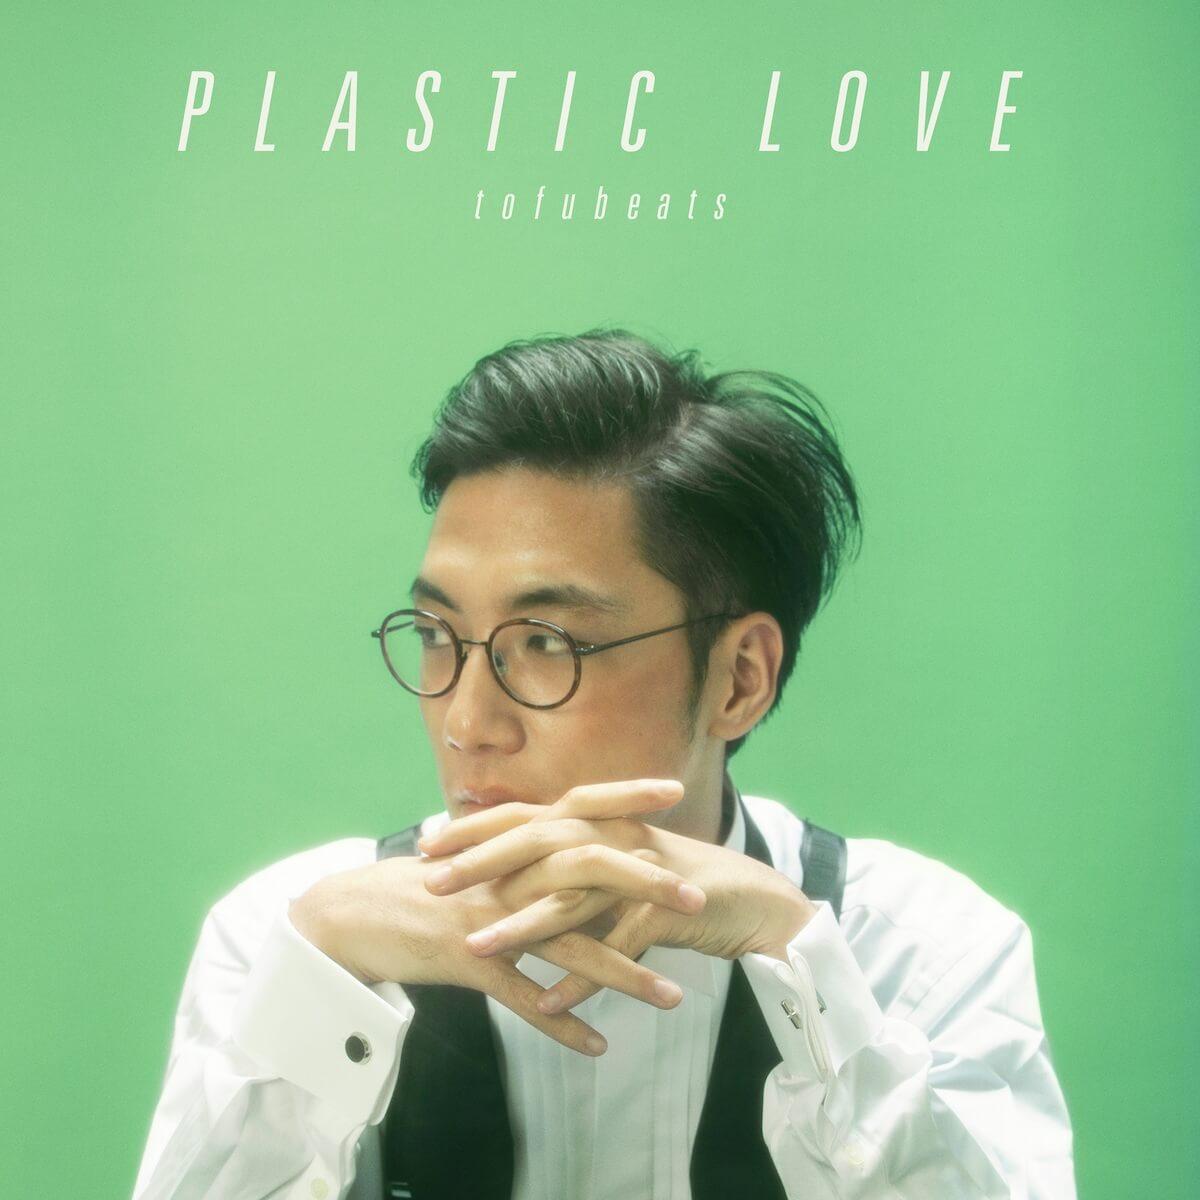 tofubeats Plastic Love